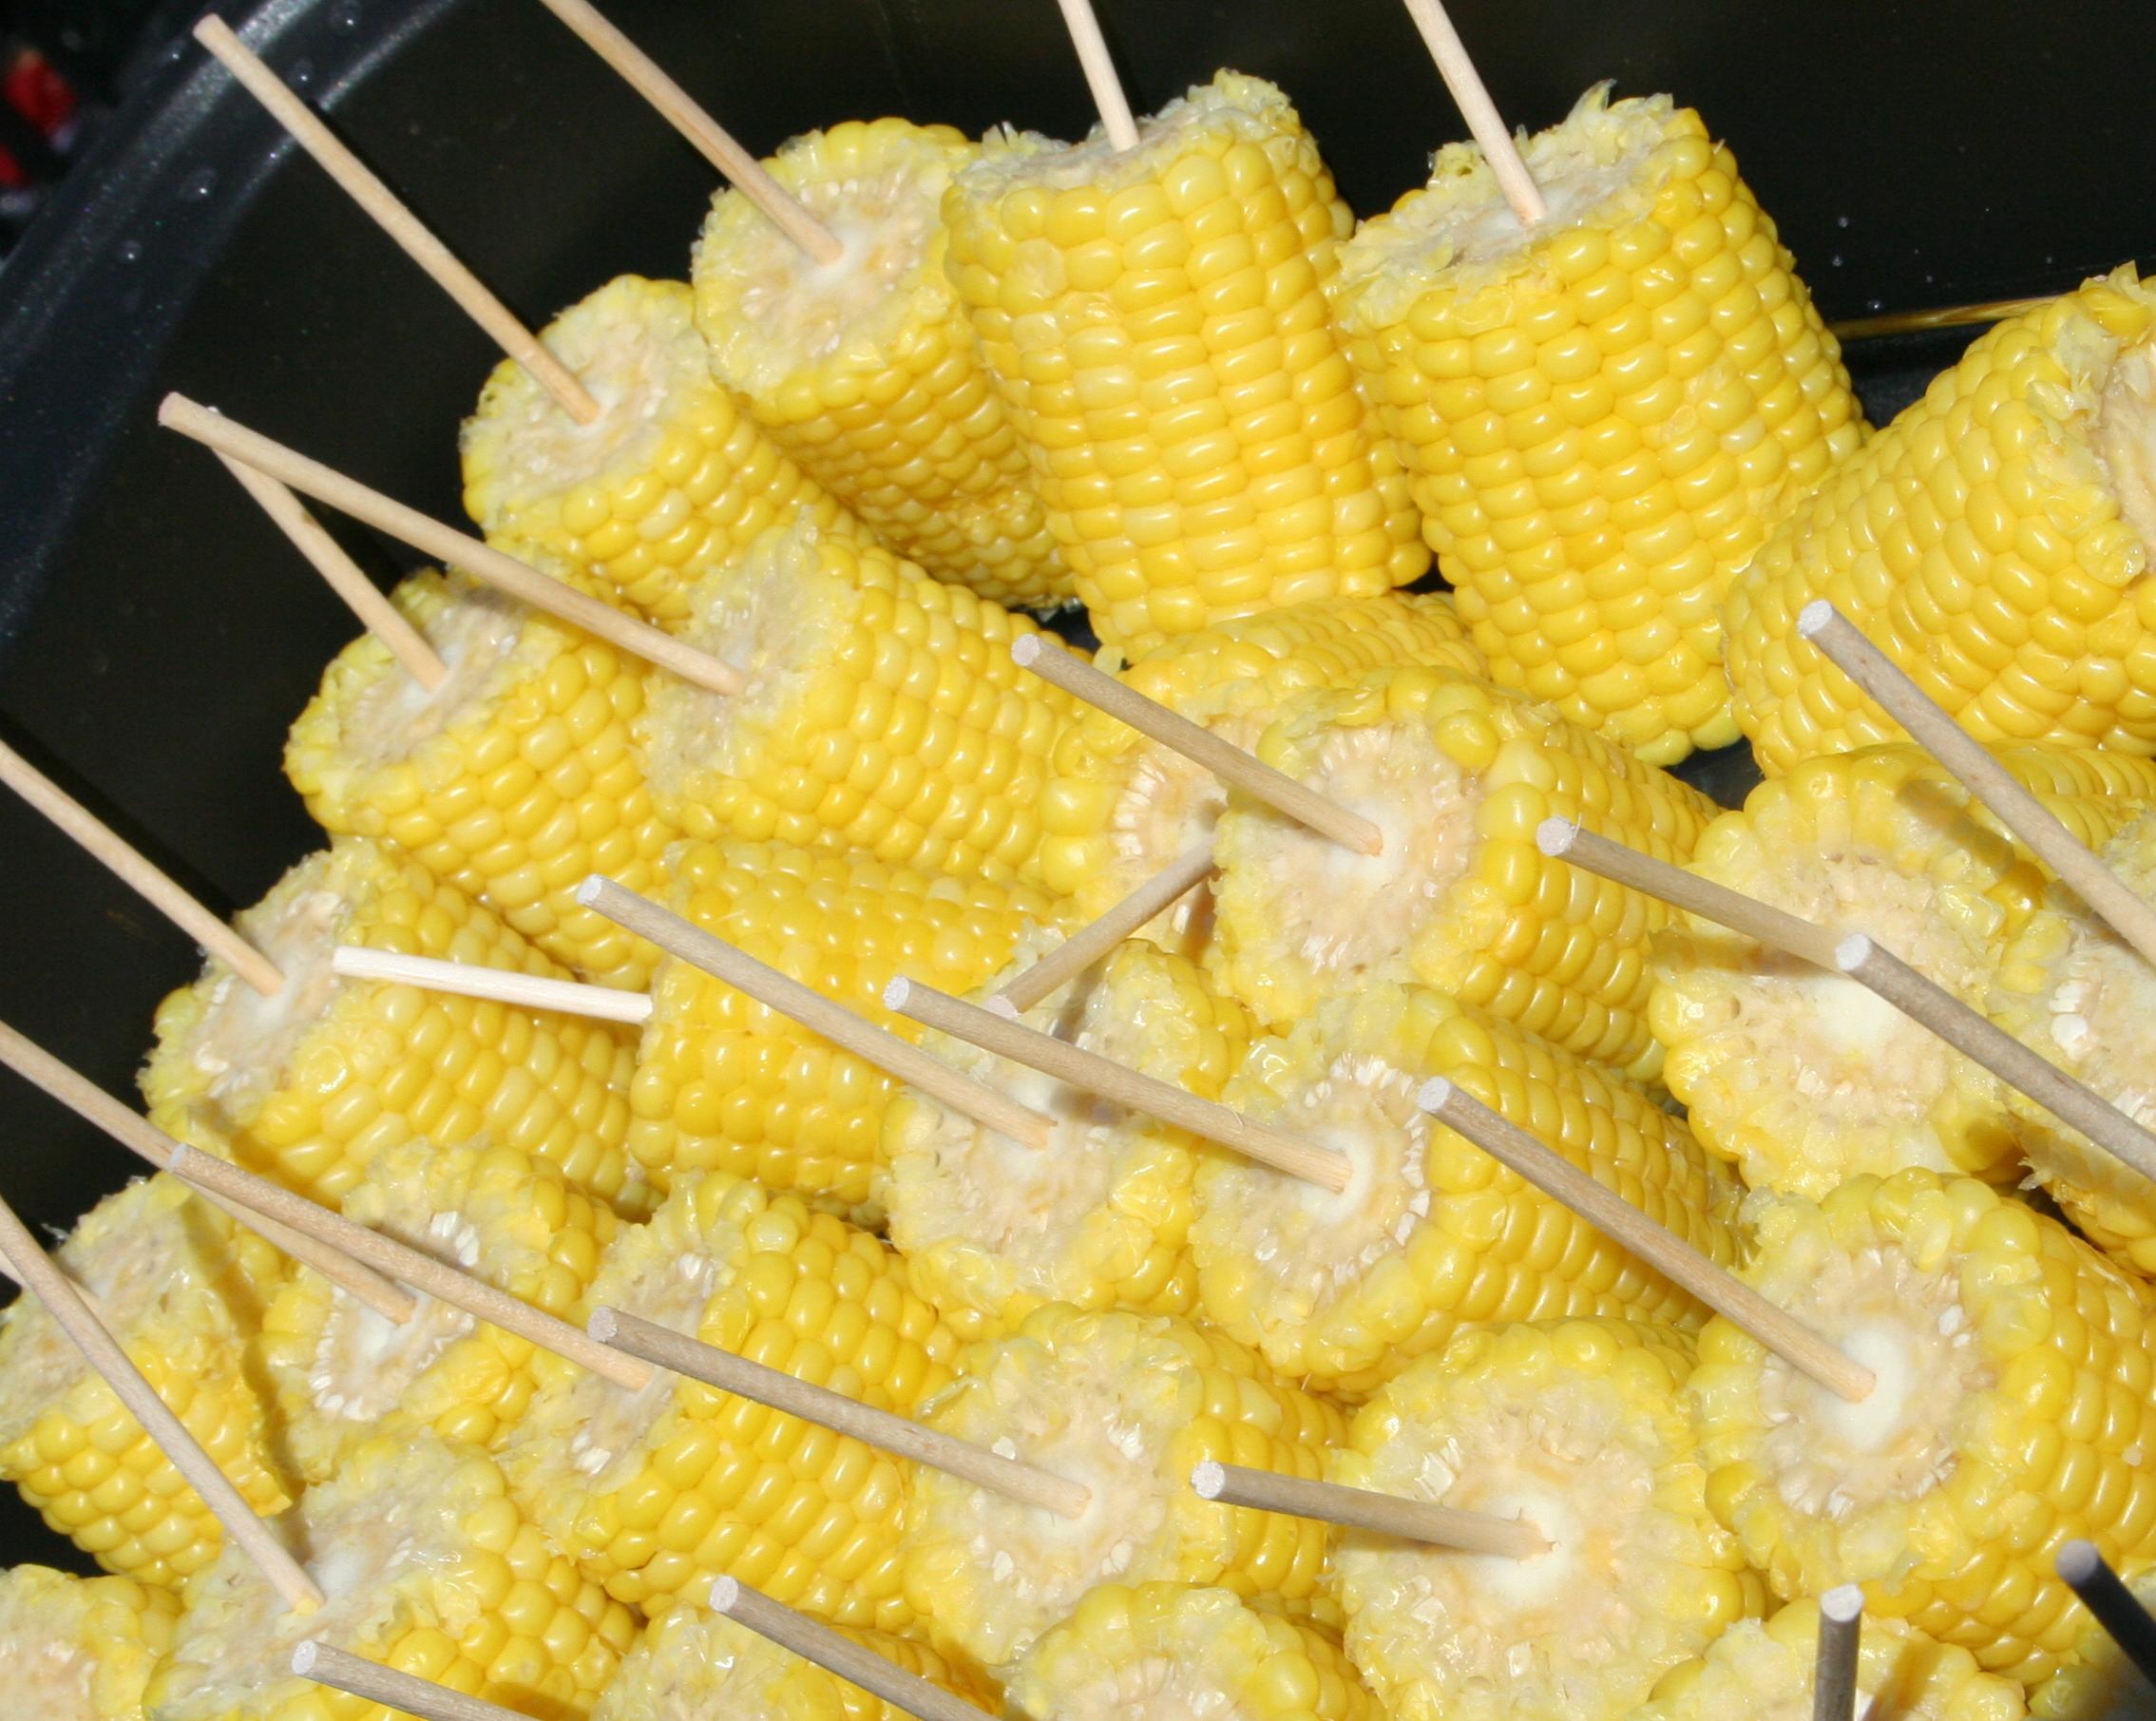 File:CookedCornOnTheCob.JPG - Wikipedia, the free encyclopedia